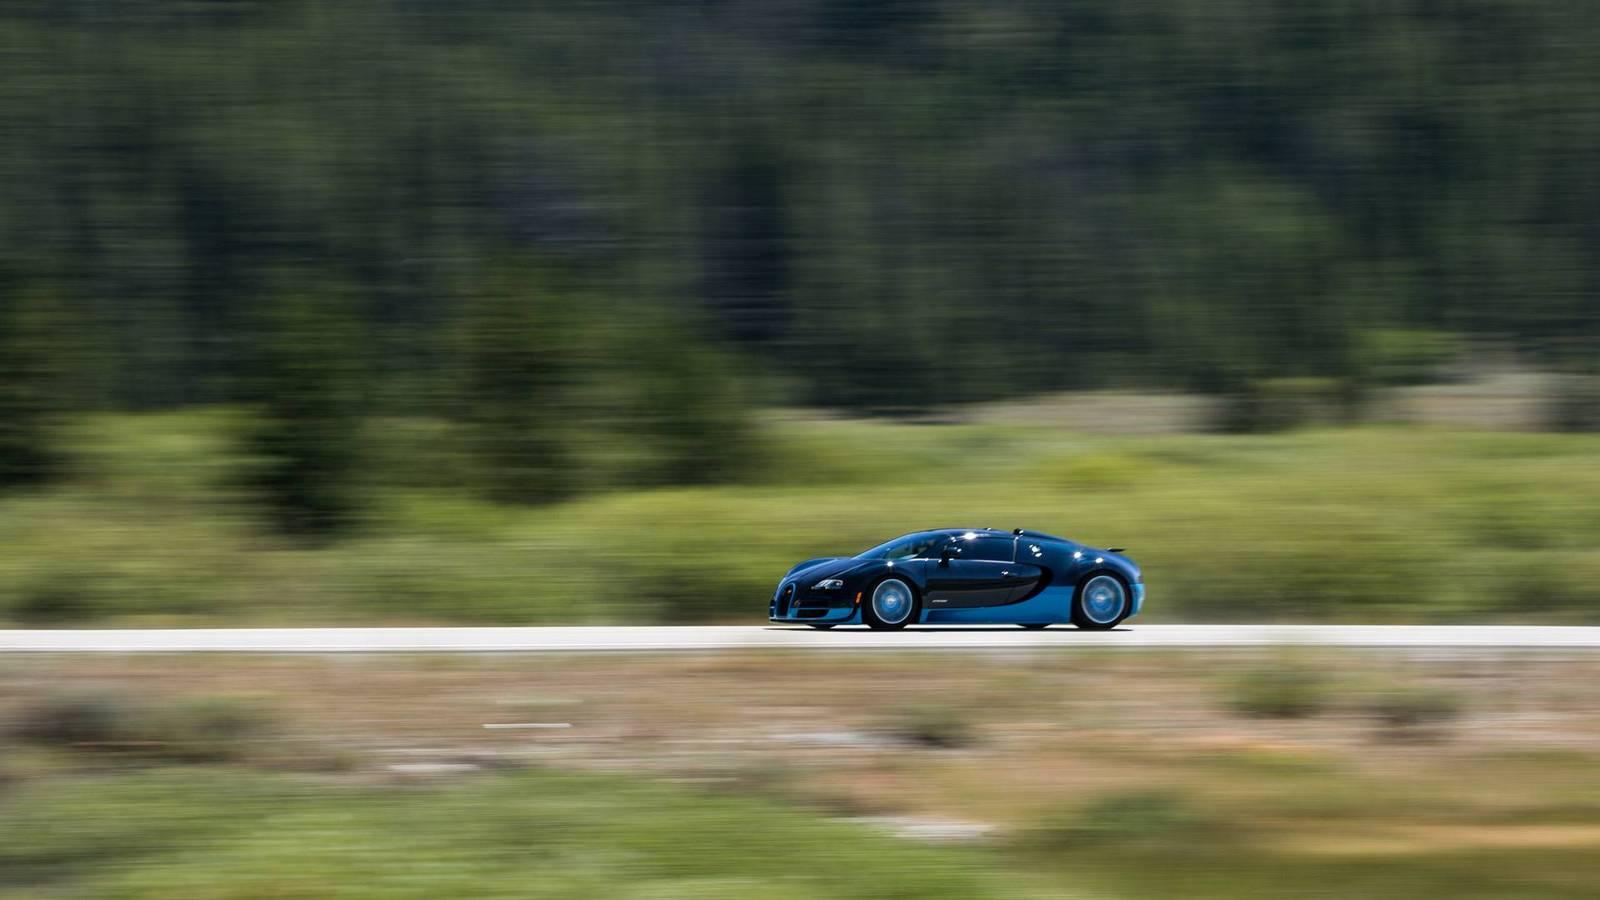 Фото | Bugatti Veyron на трассе. 2014 год